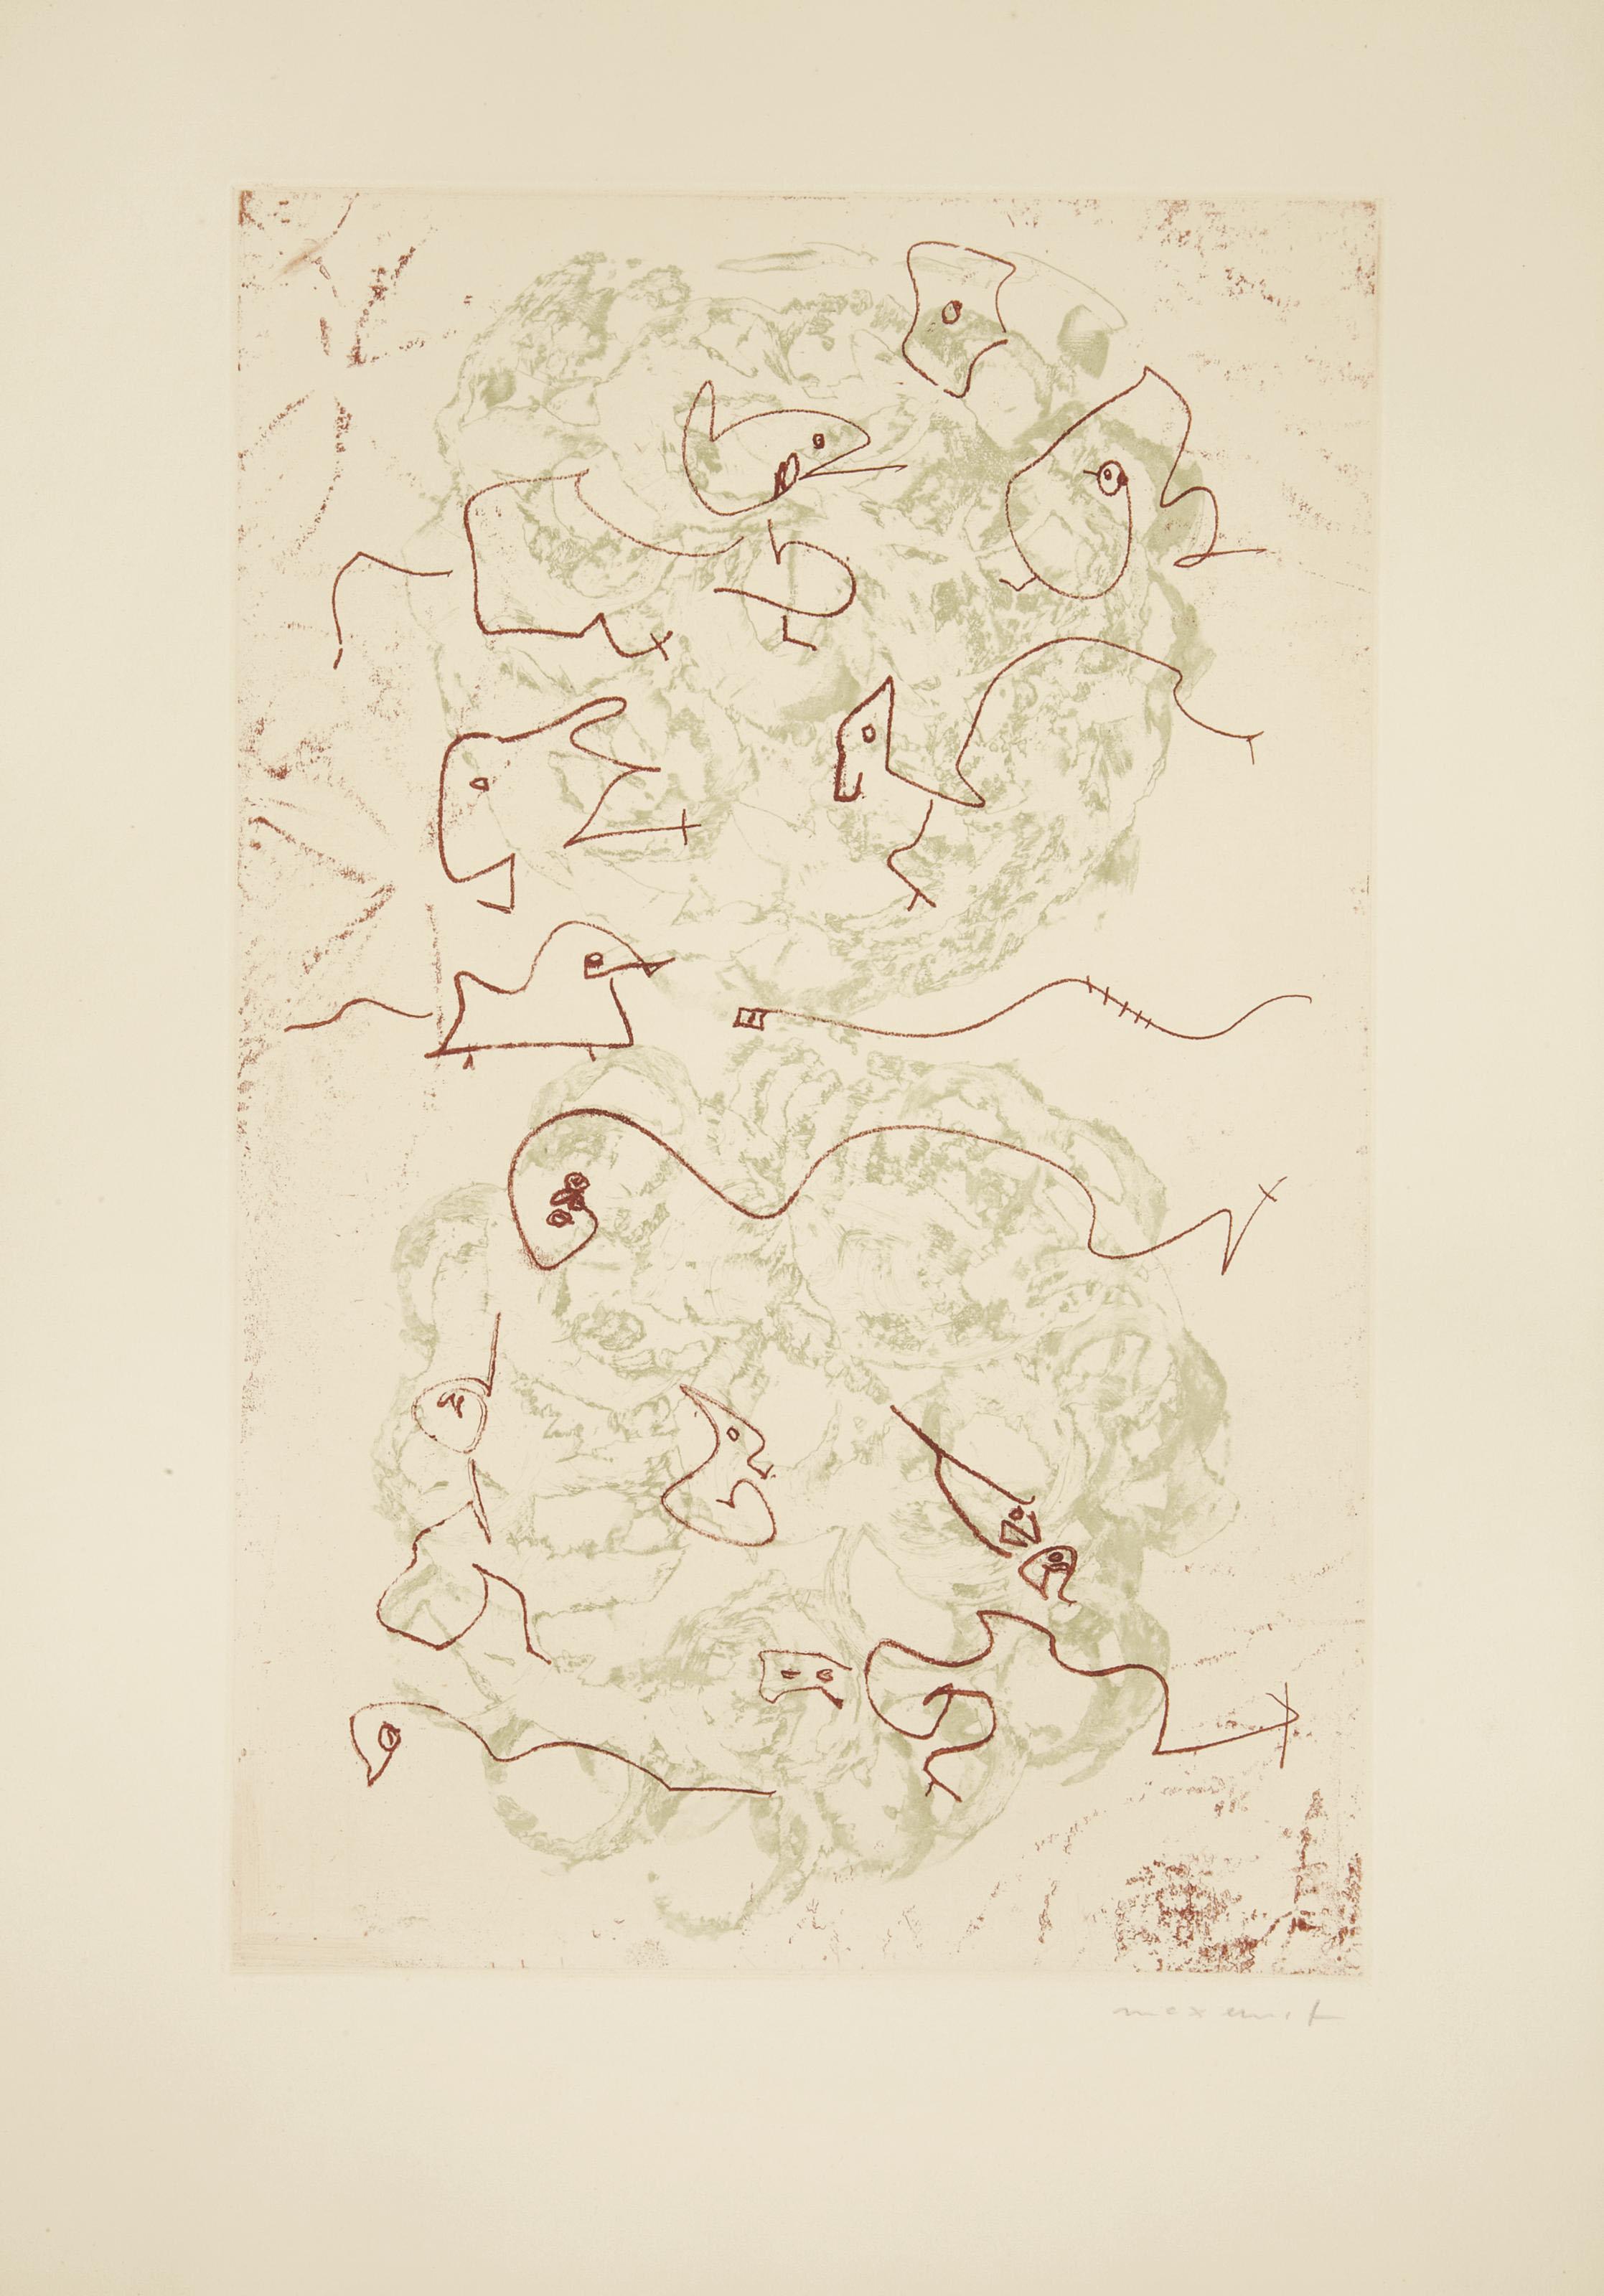 [ERNST] -- PRÉVERT, Jacques (1900-1977). Les Chiens ont soif. Paris: Au Pont des Arts, 1964.